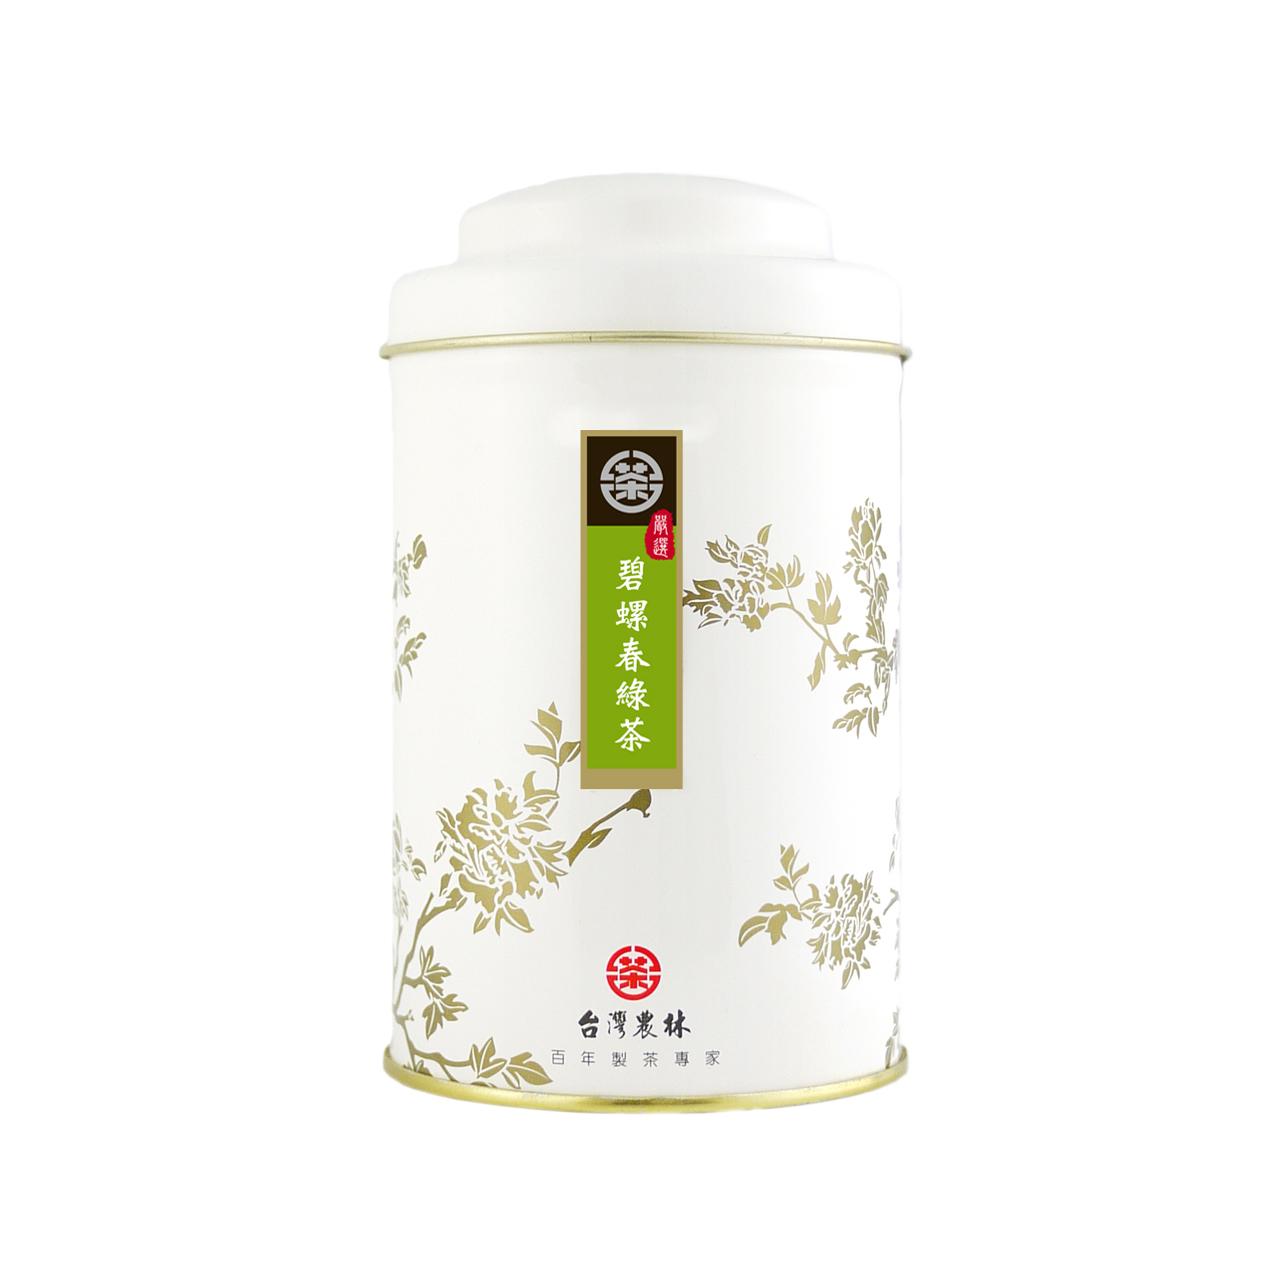 嚴選碧螺春綠茶(保存期限:2021年10月)